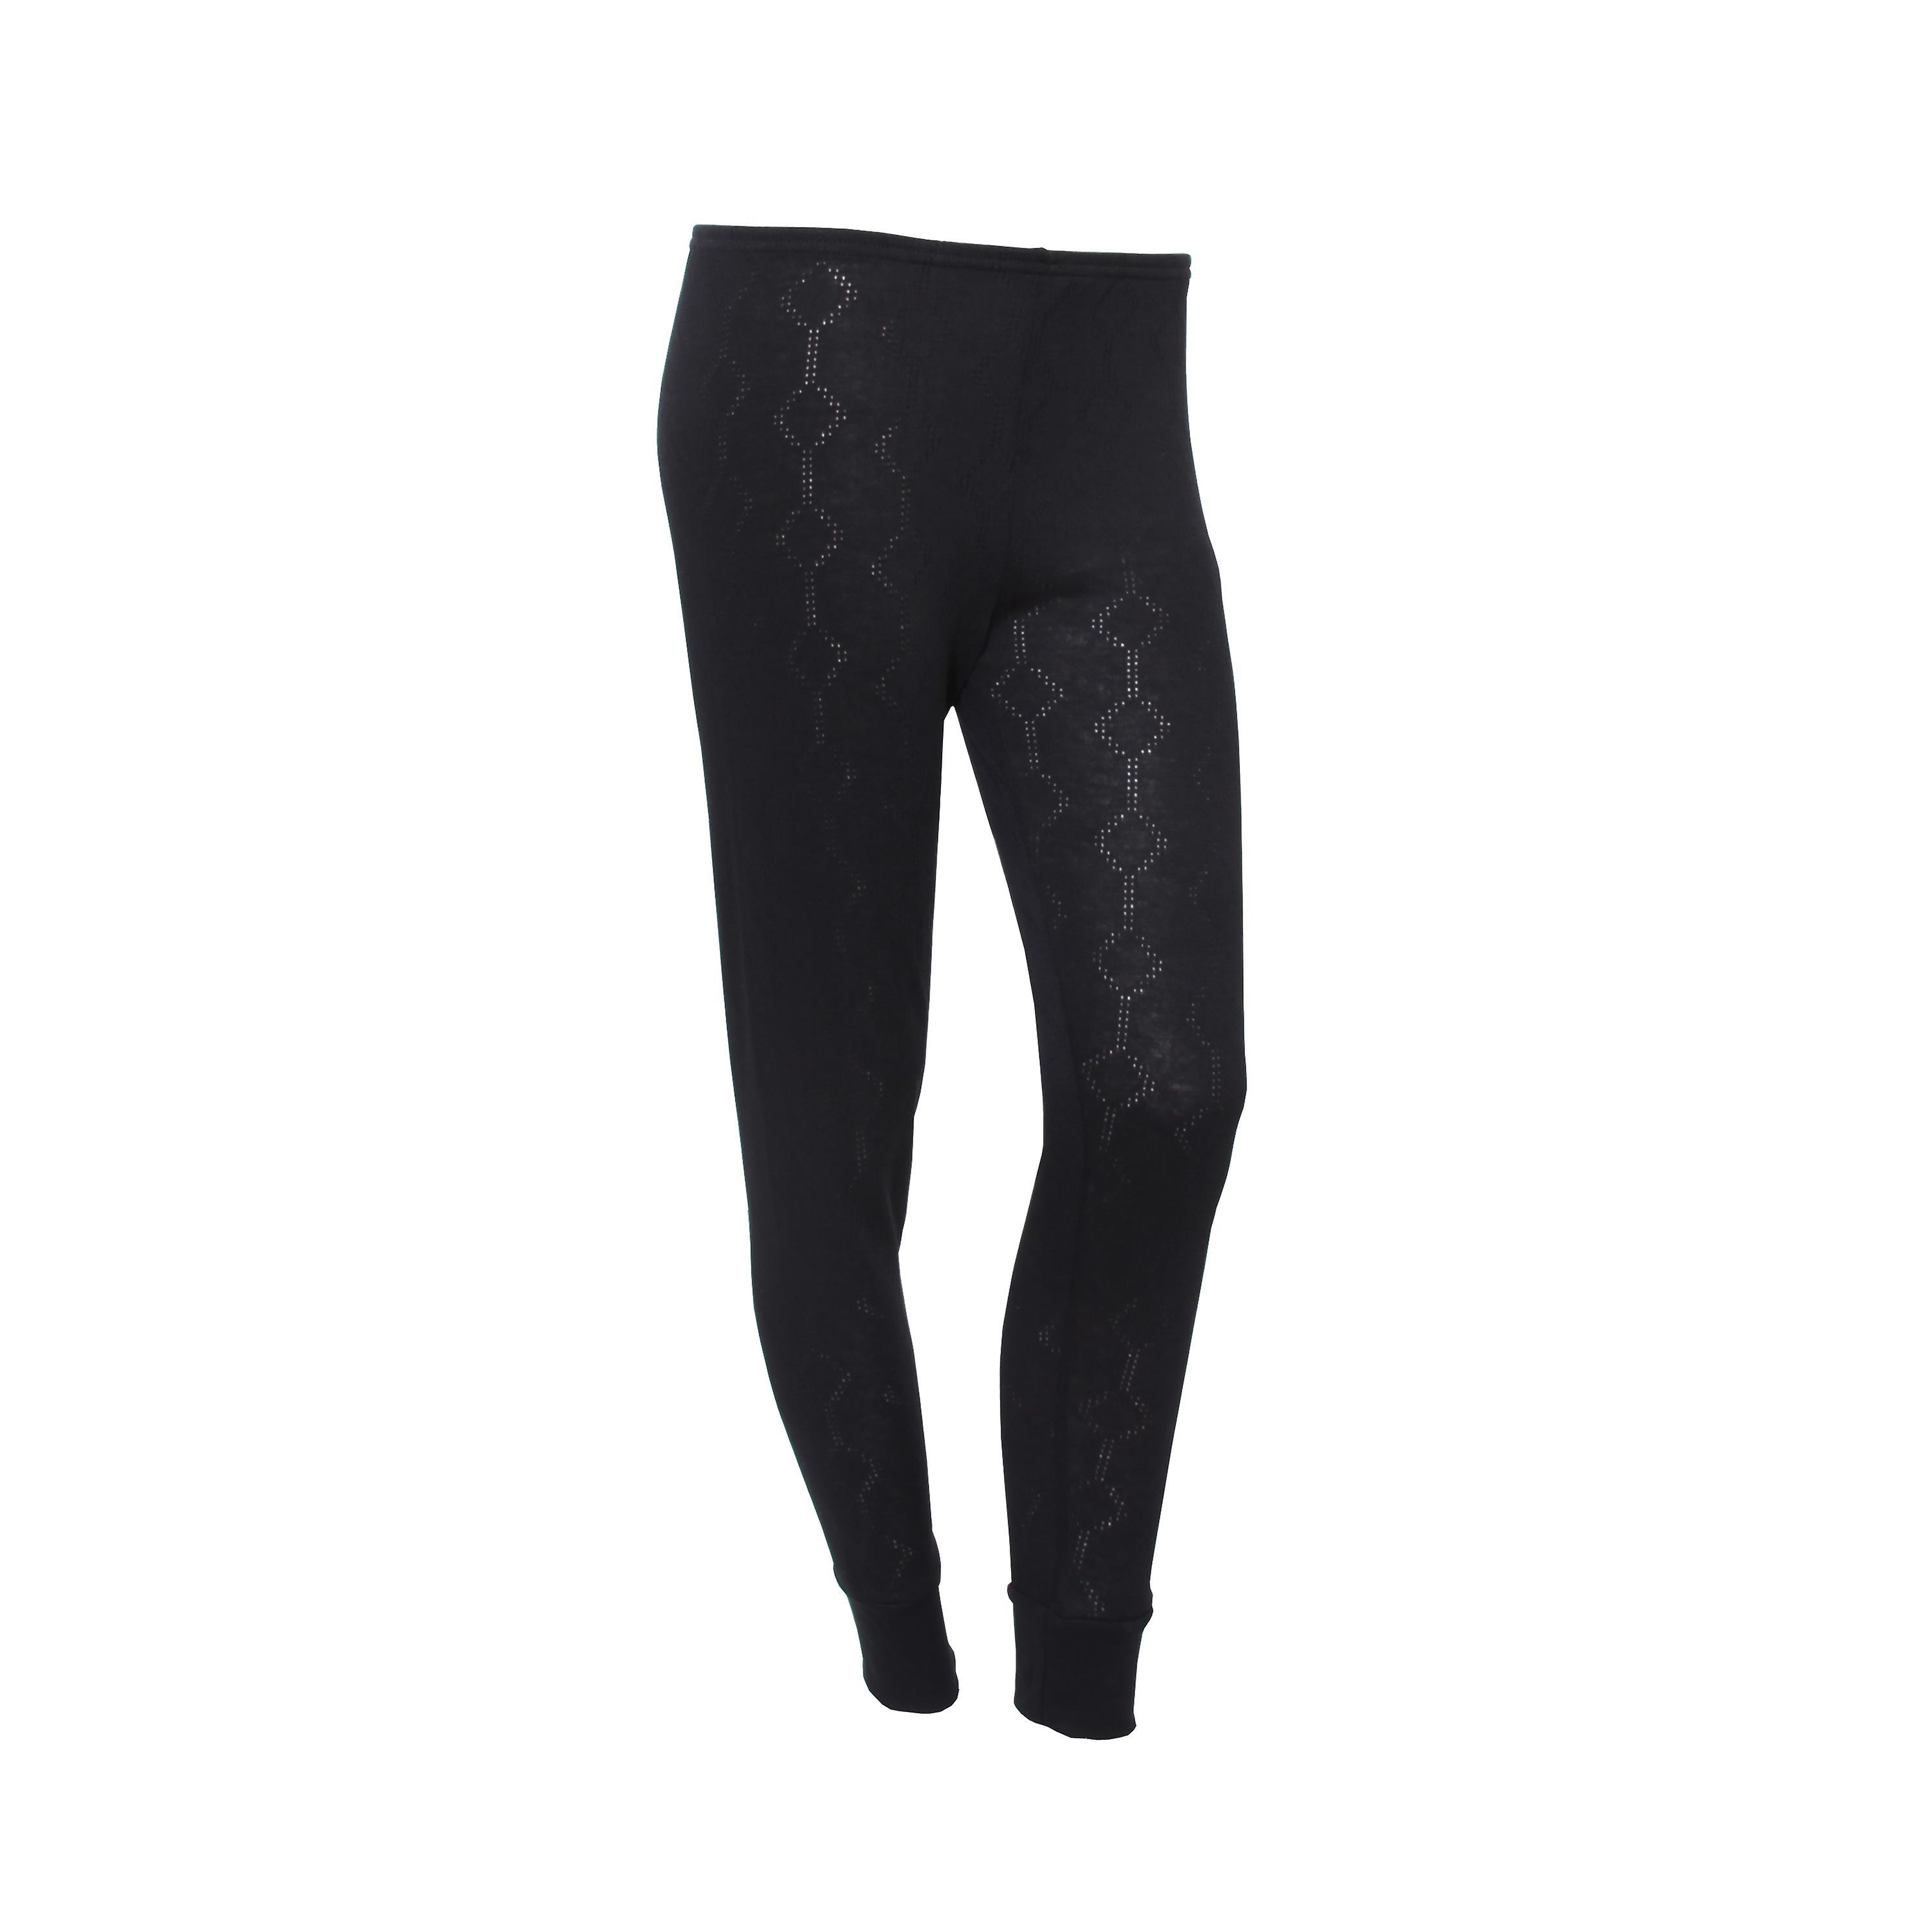 FLOSO Damen/Damen Thermo-Unterwäsche lange Jane (Viskose-Premium-Reihe)